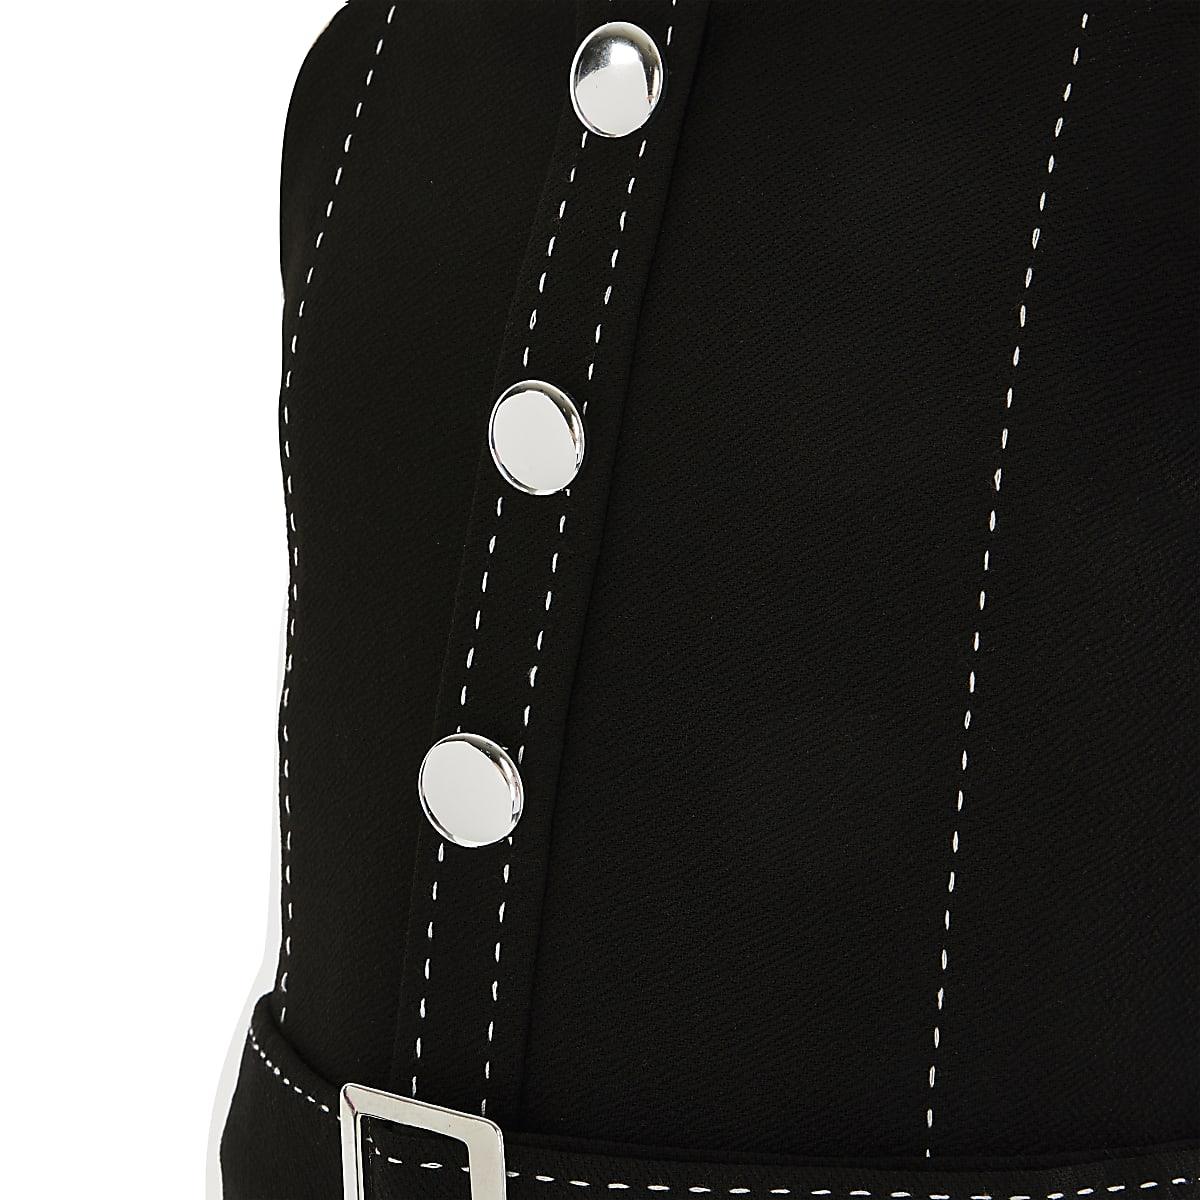 c7d1cb6276 Girls black belted jumpsuit - Jumpsuits - Playsuits   Jumpsuits - girls